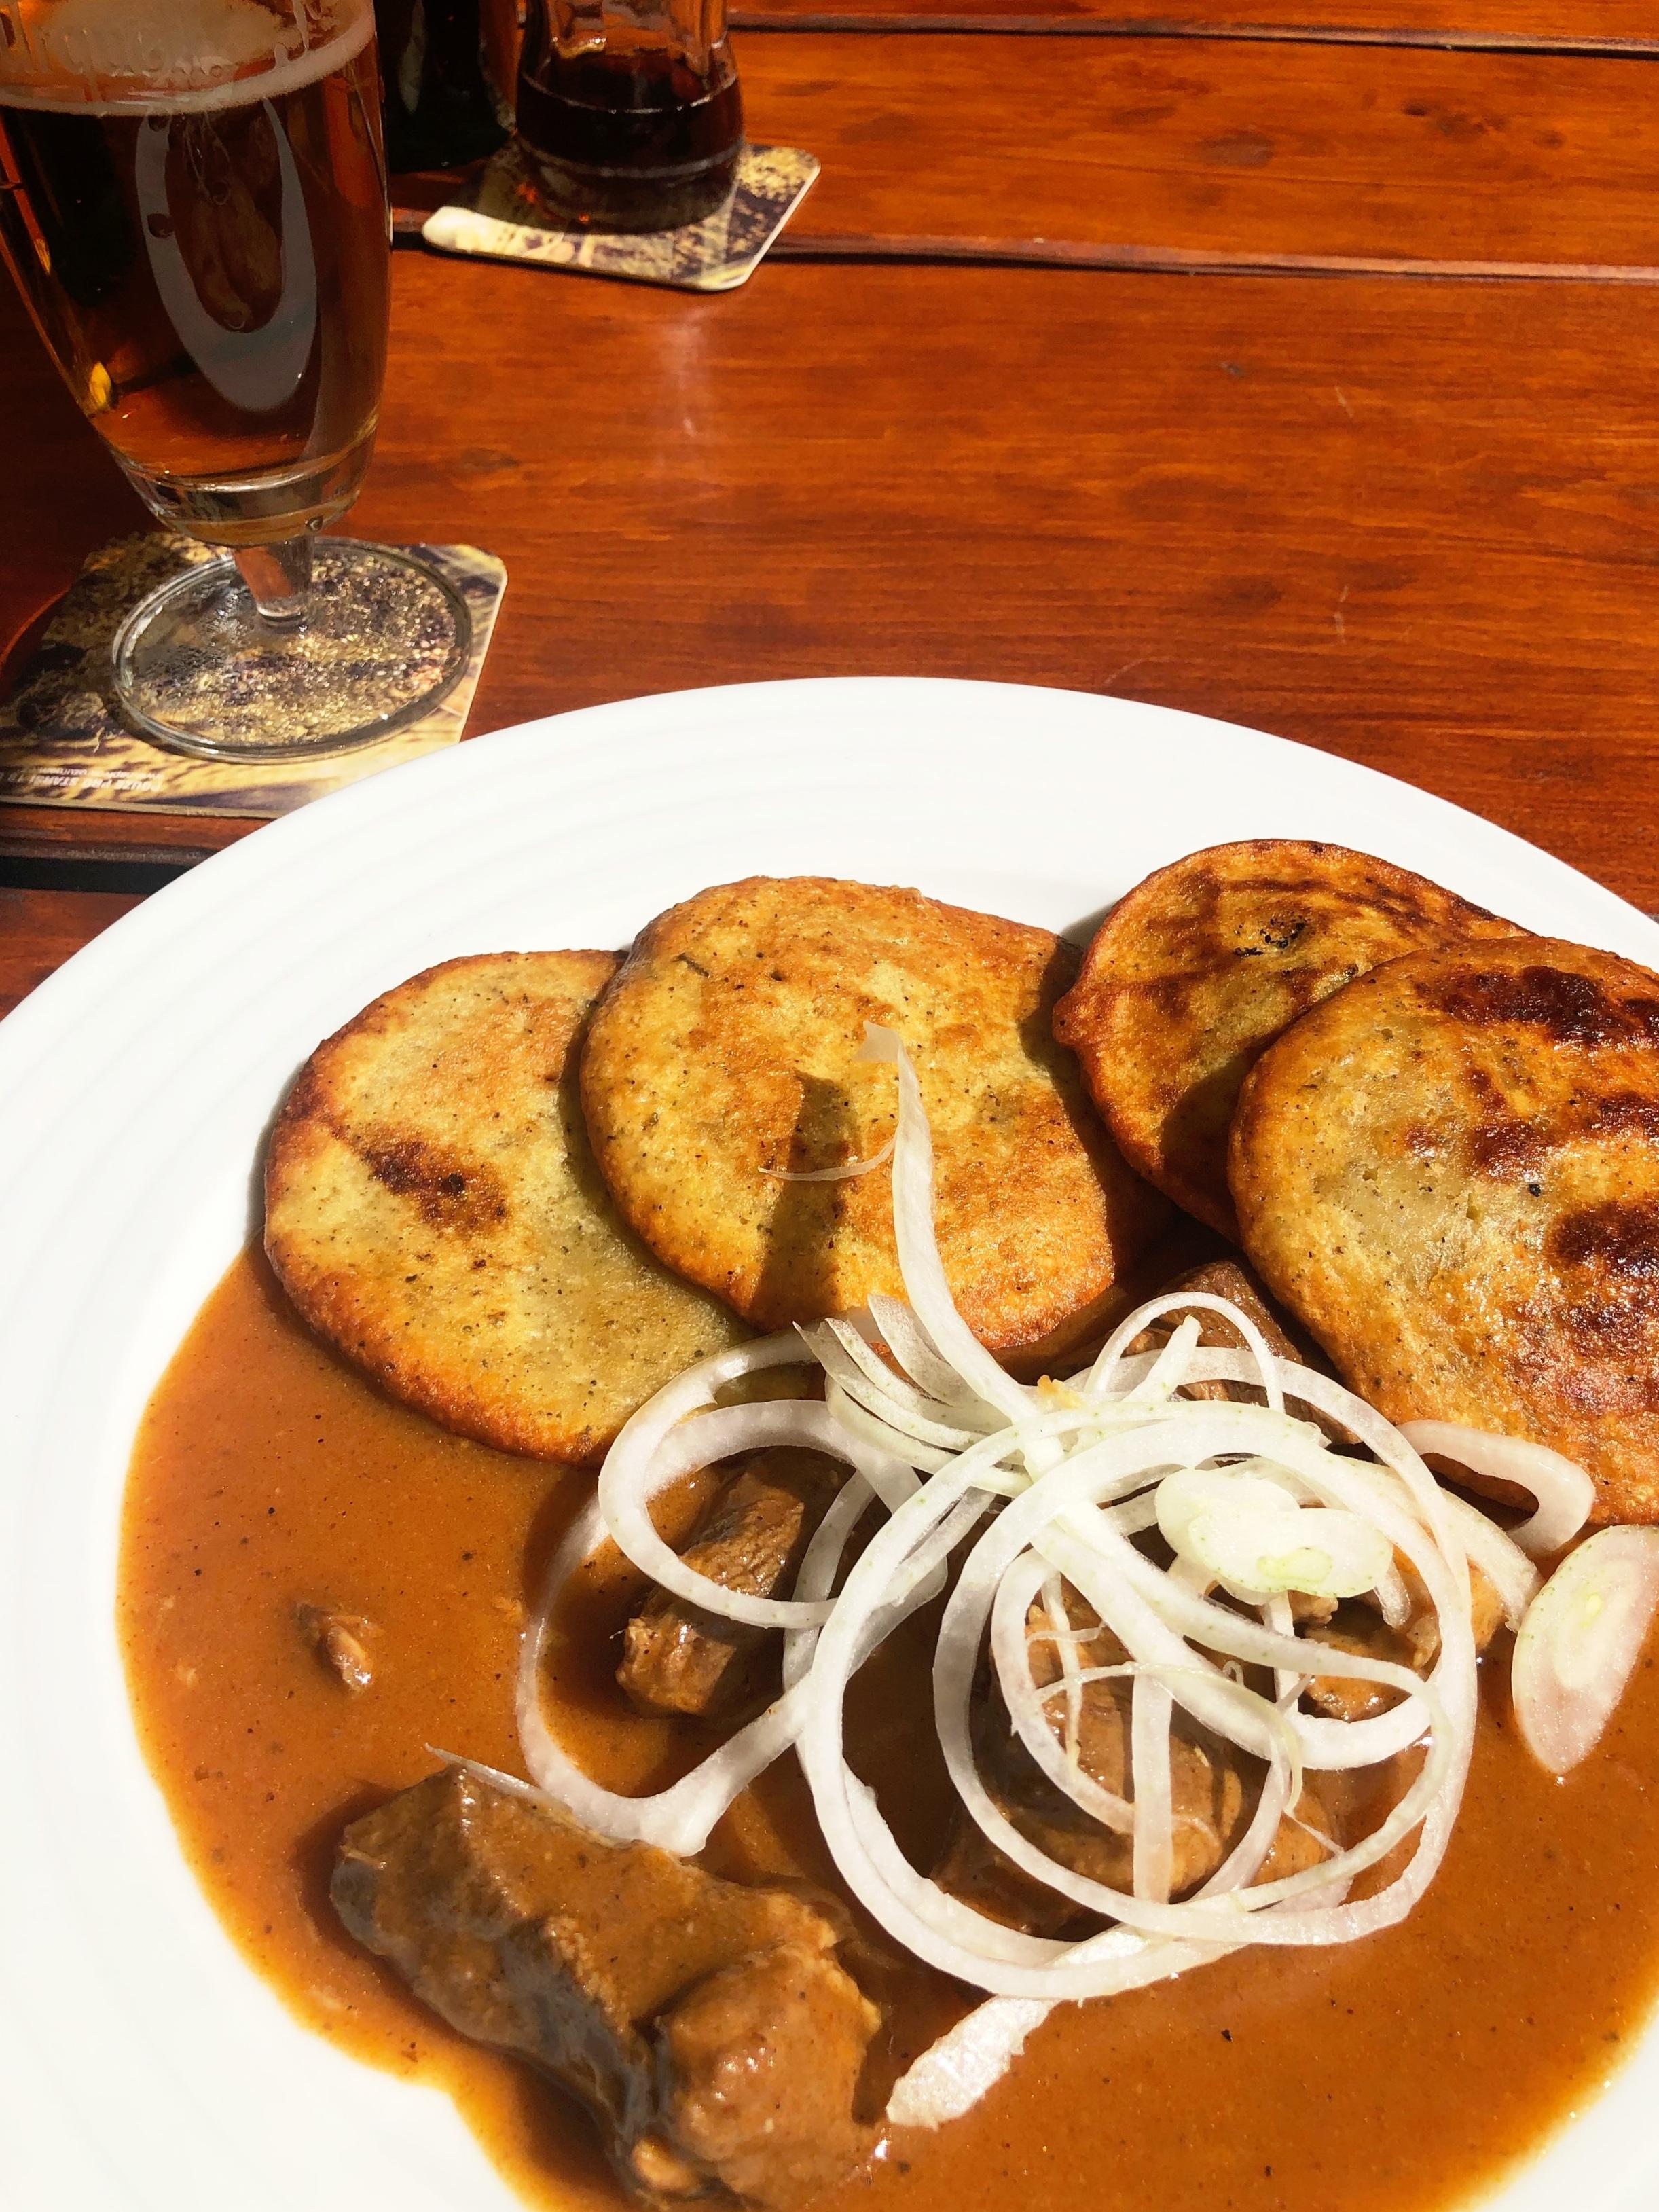 My first Czech meal.